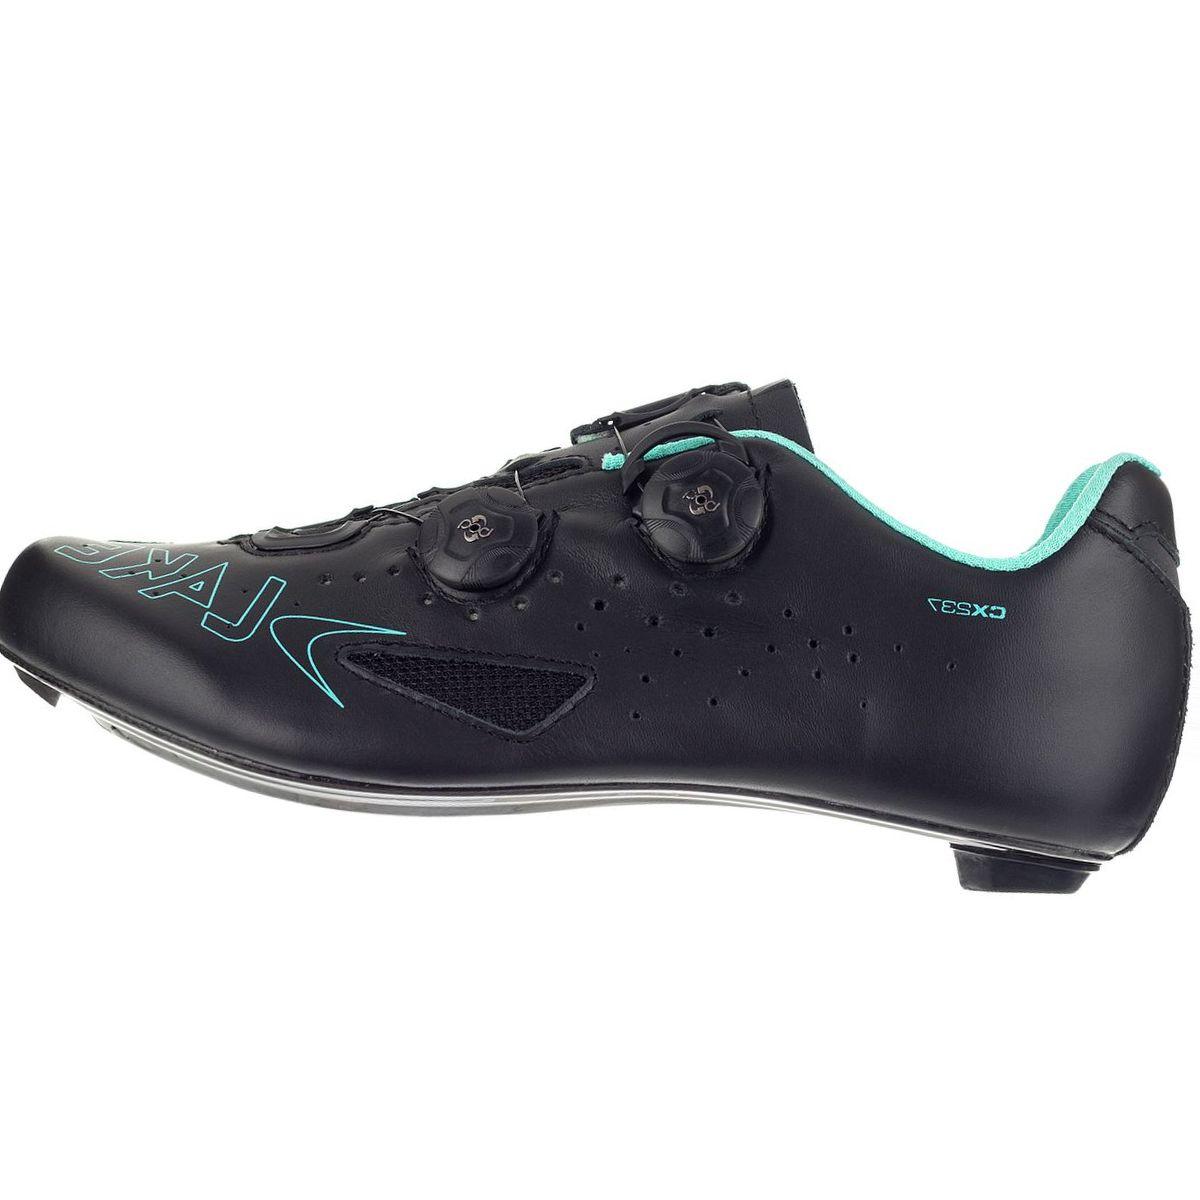 Lake CX237 Cycling Shoe - Men's